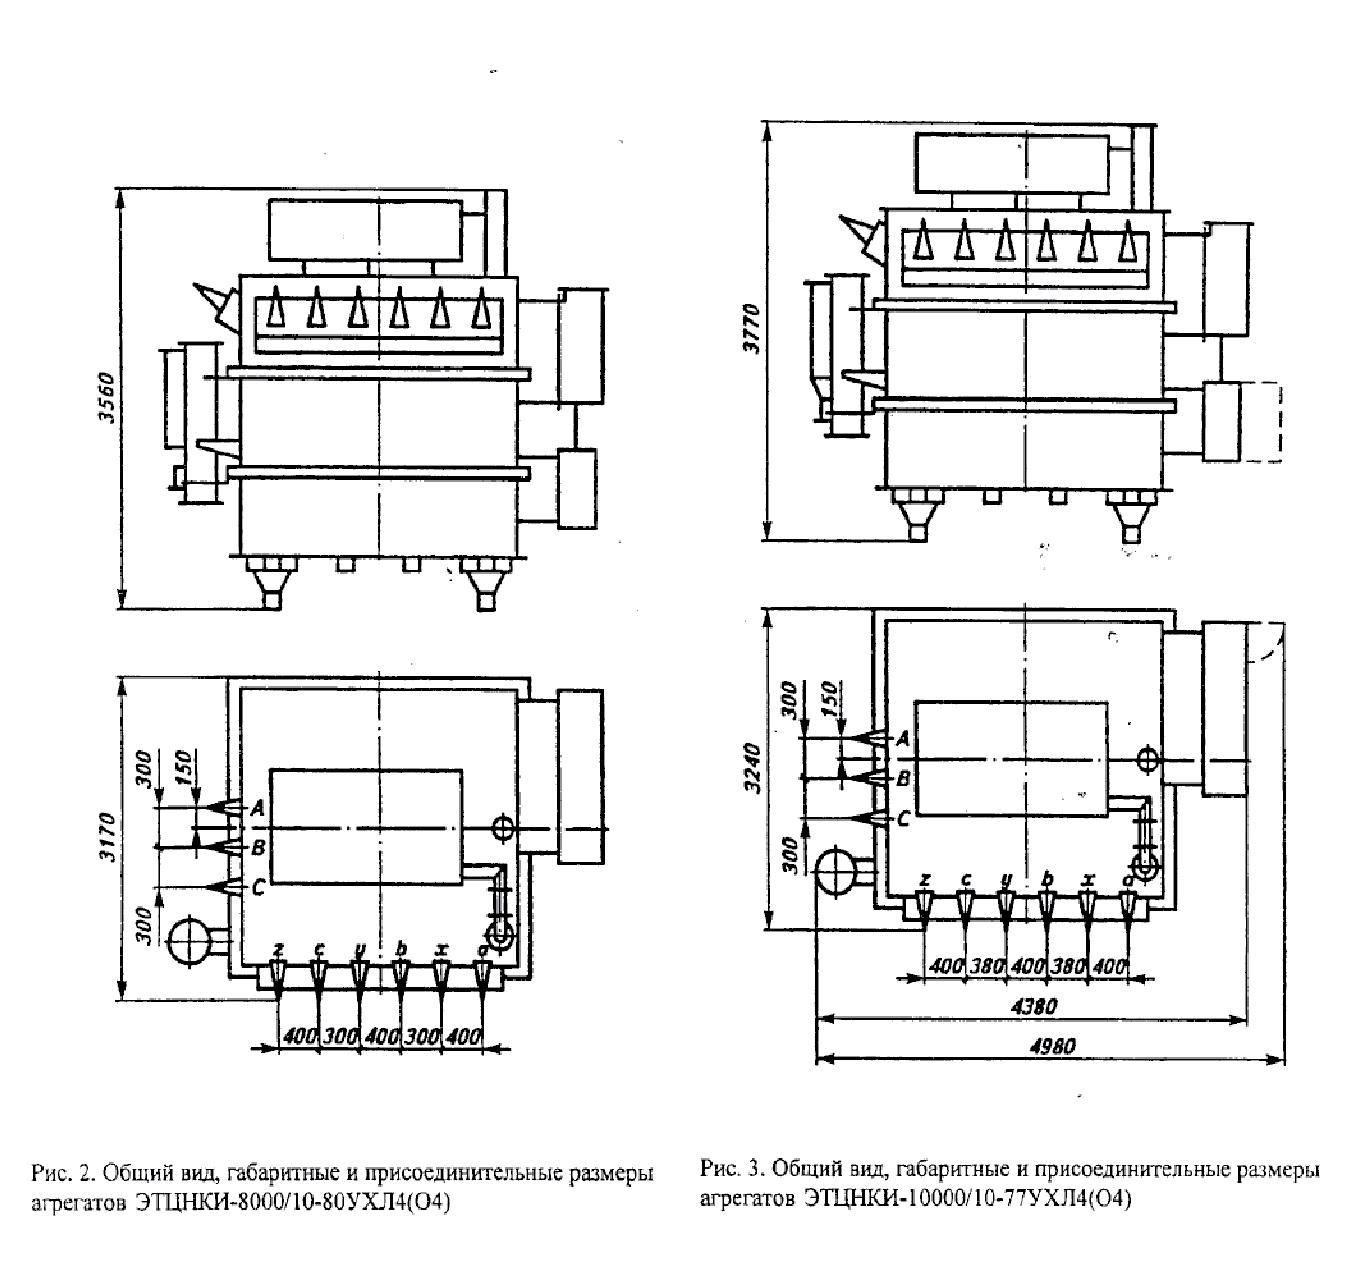 Трансформатор для питания индукционных электропечей ЭТЦНИ